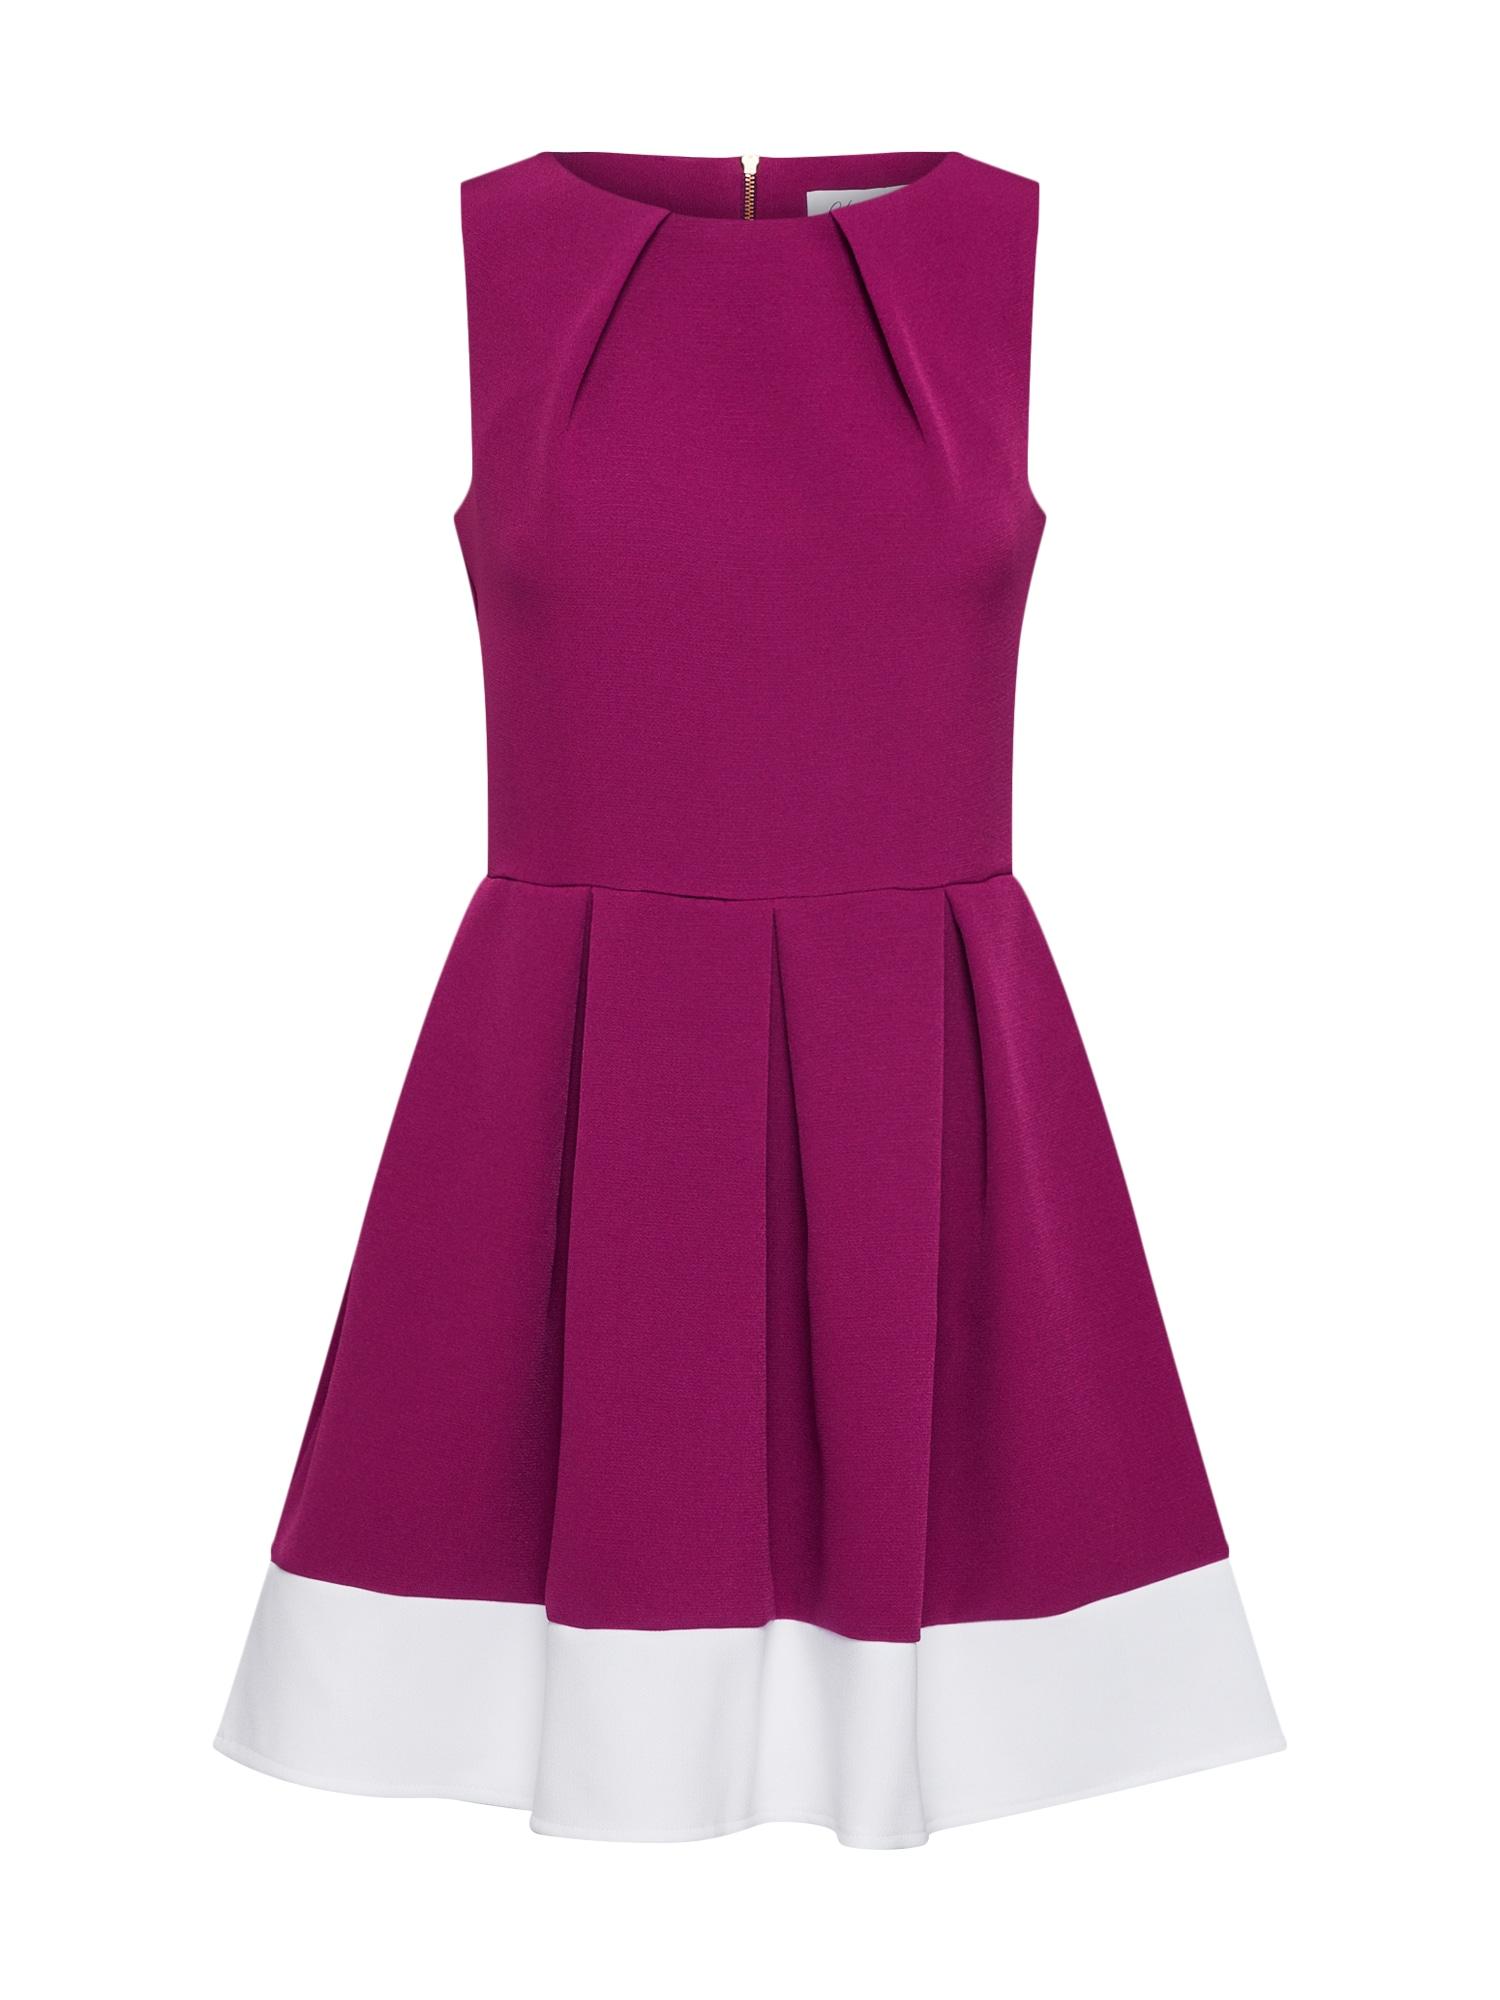 Closet London Trumpa kokteilinė suknelė uogų spalva